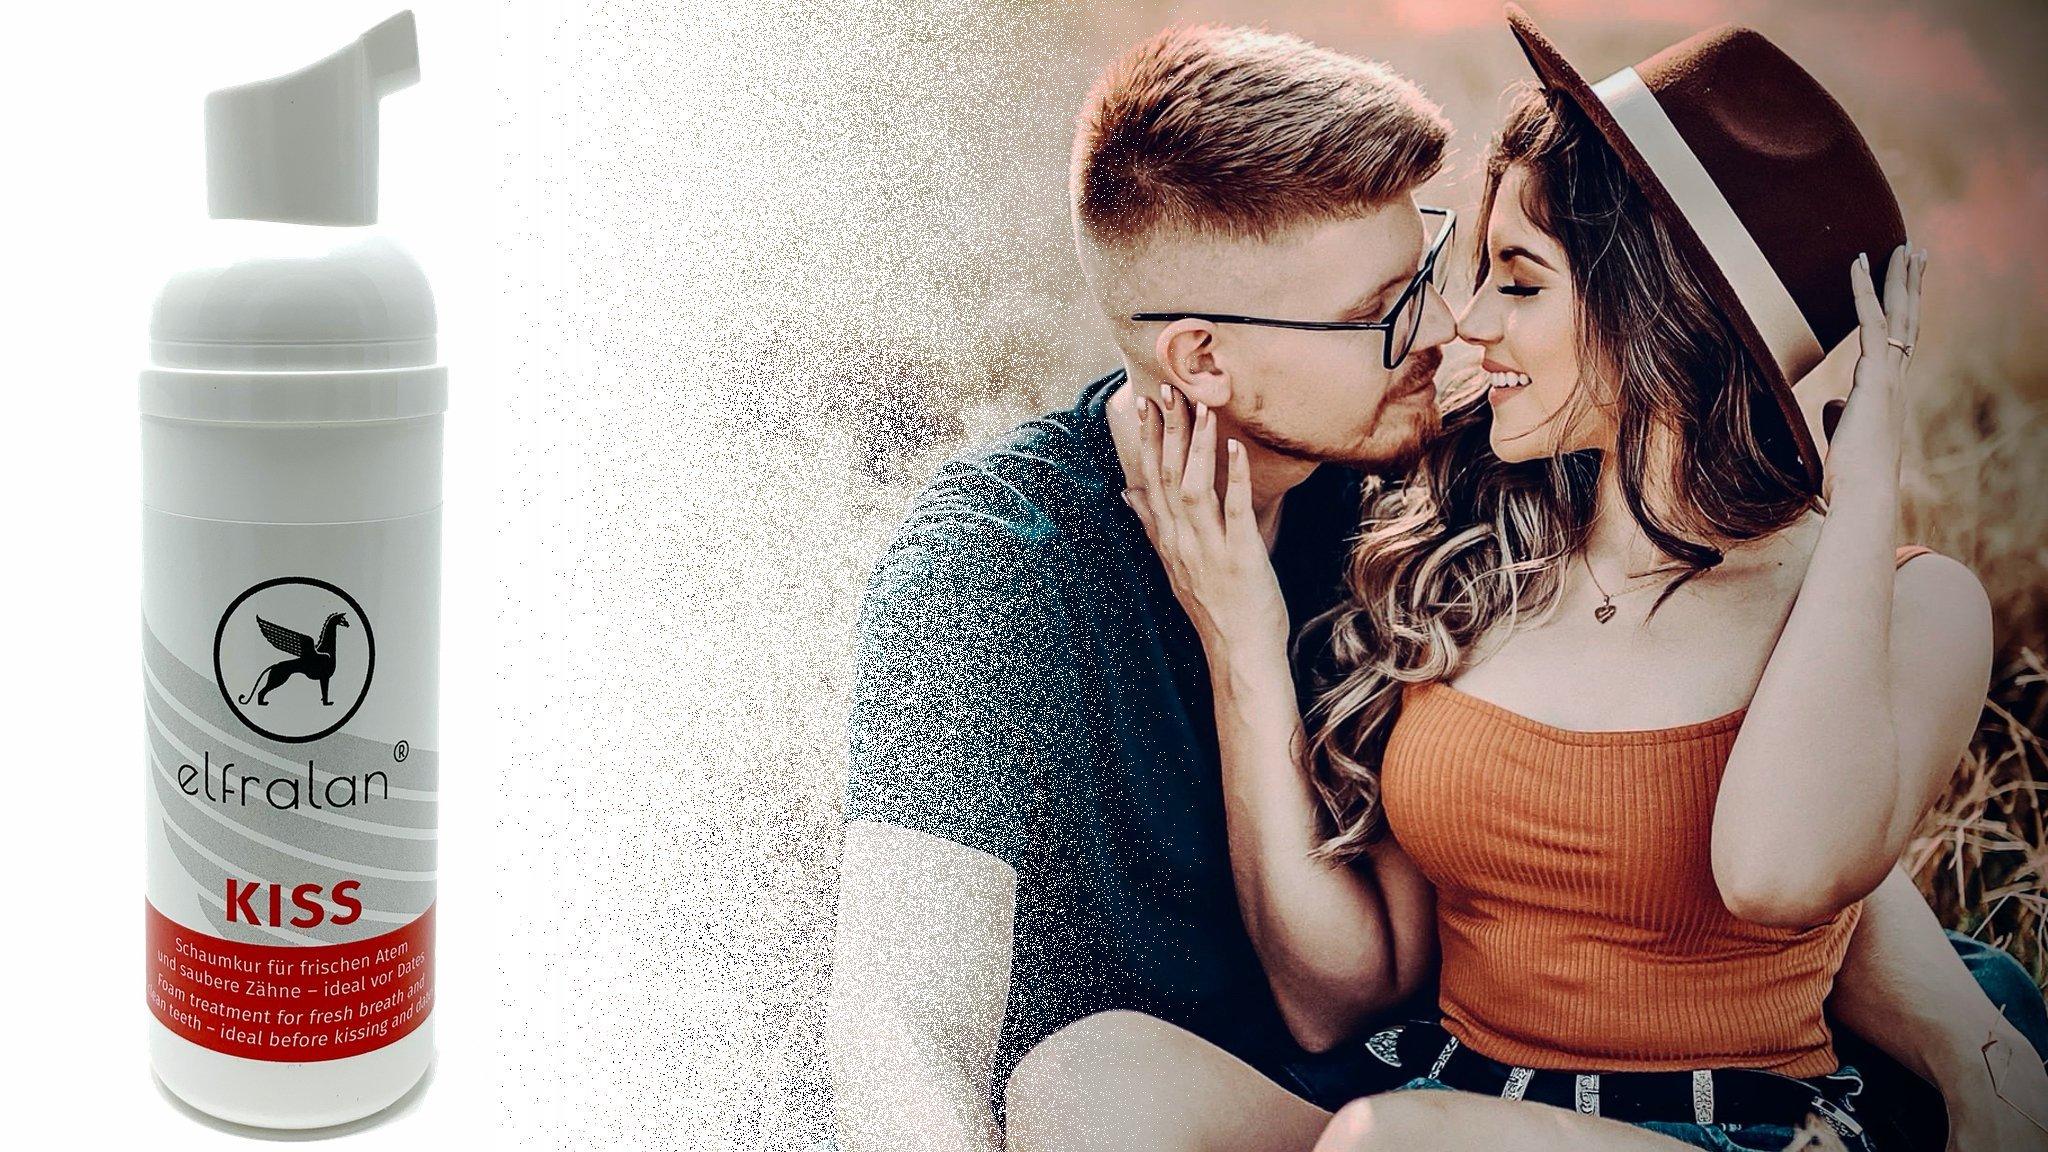 Kiss_Paar beim Küssen